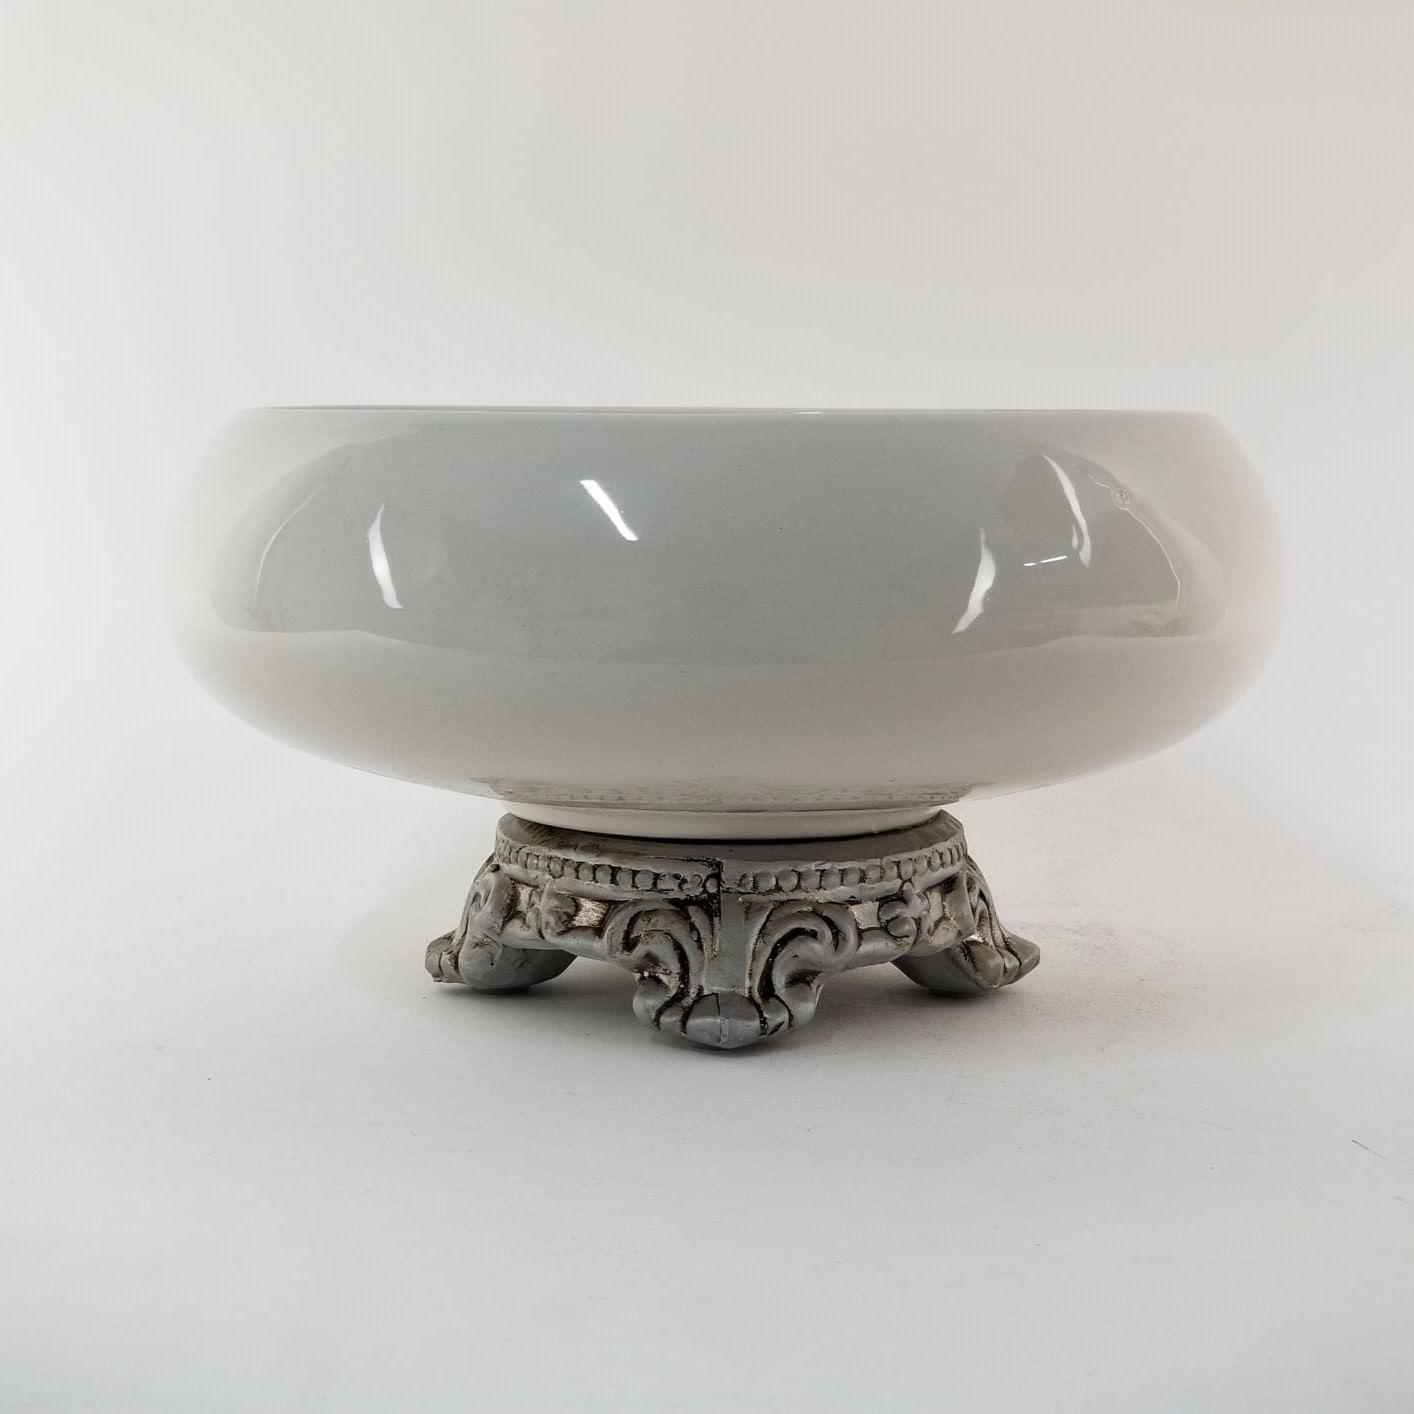 Centro de Mesa de Cerâmica Branco Off-White Liso e Pé Prata